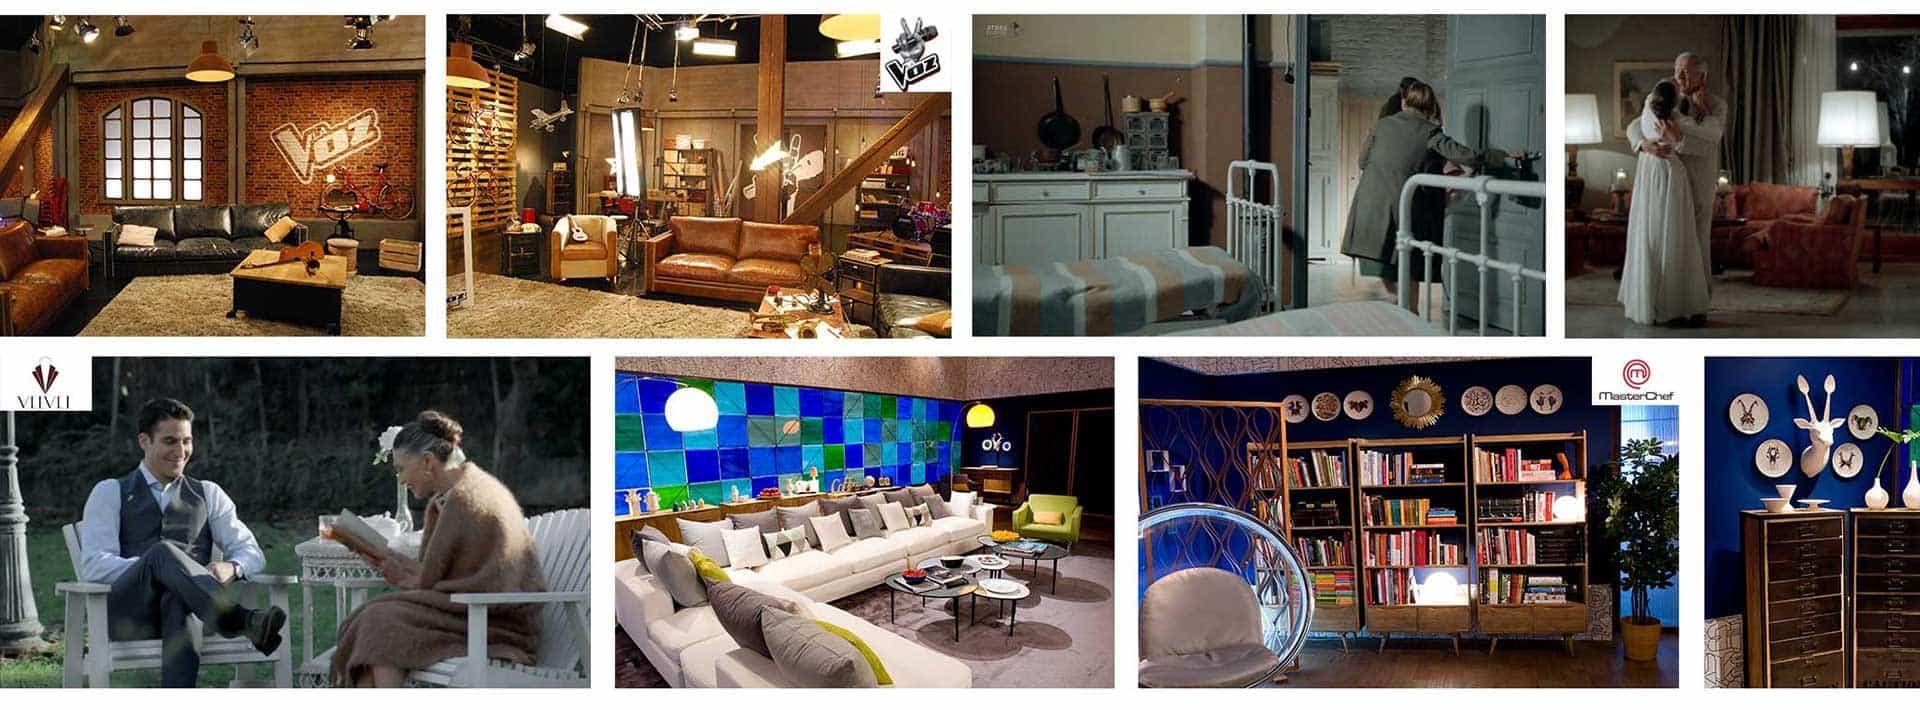 maisons du monde service client le ventana blog. Black Bedroom Furniture Sets. Home Design Ideas